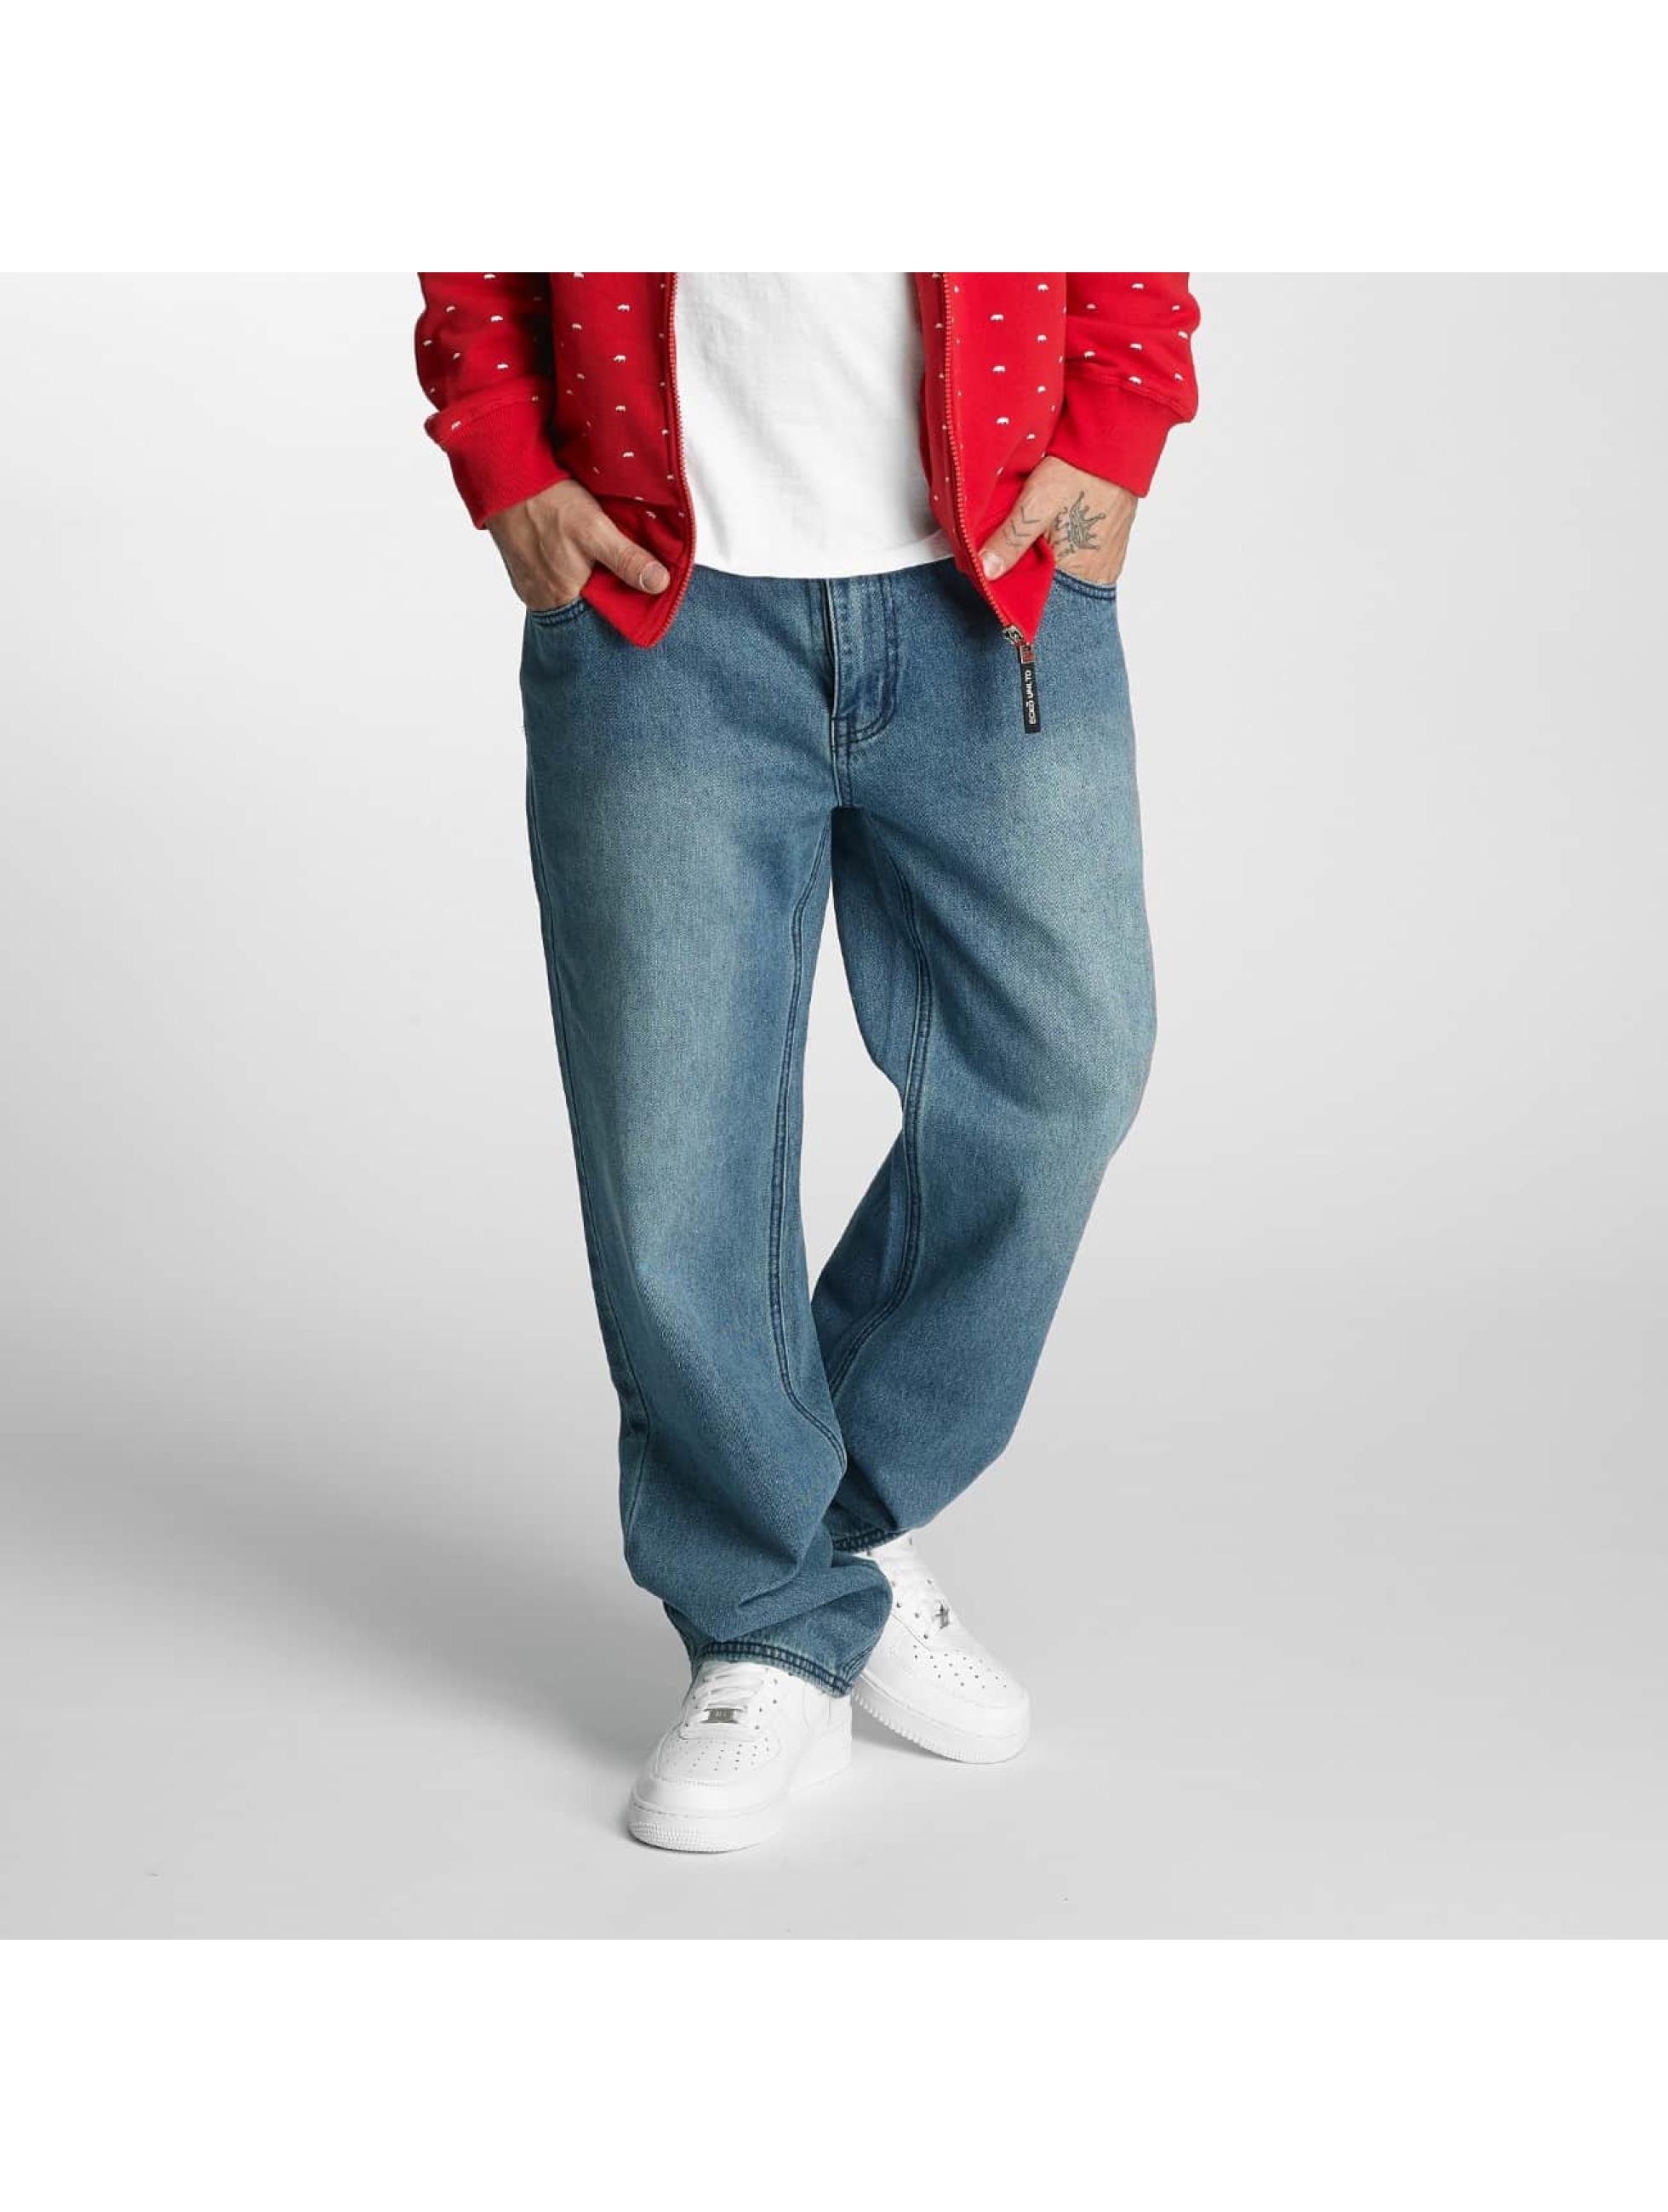 Ecko Unltd. Loose Fit Jeans Kashyyyk blau